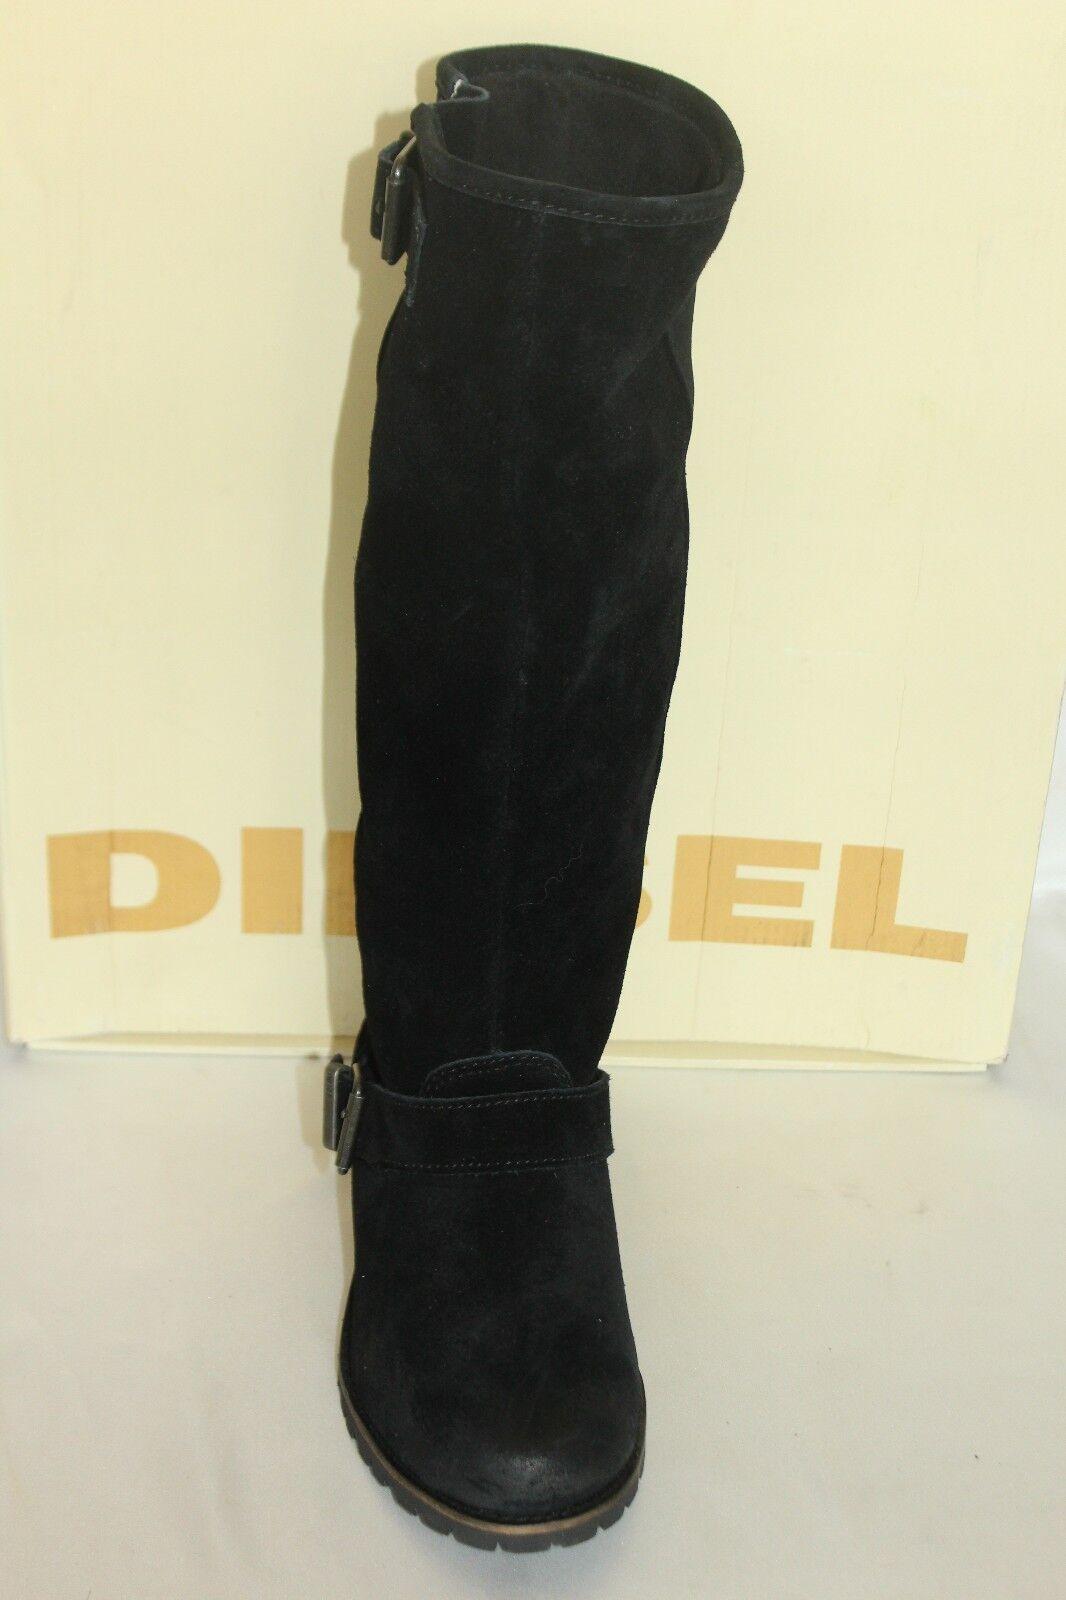 Nuevo Diesel nos encanta Envejecida Prairie Señuelo Gamuza Negra Envejecida encanta Hebilla Moto botas 6  250 dc4f3e